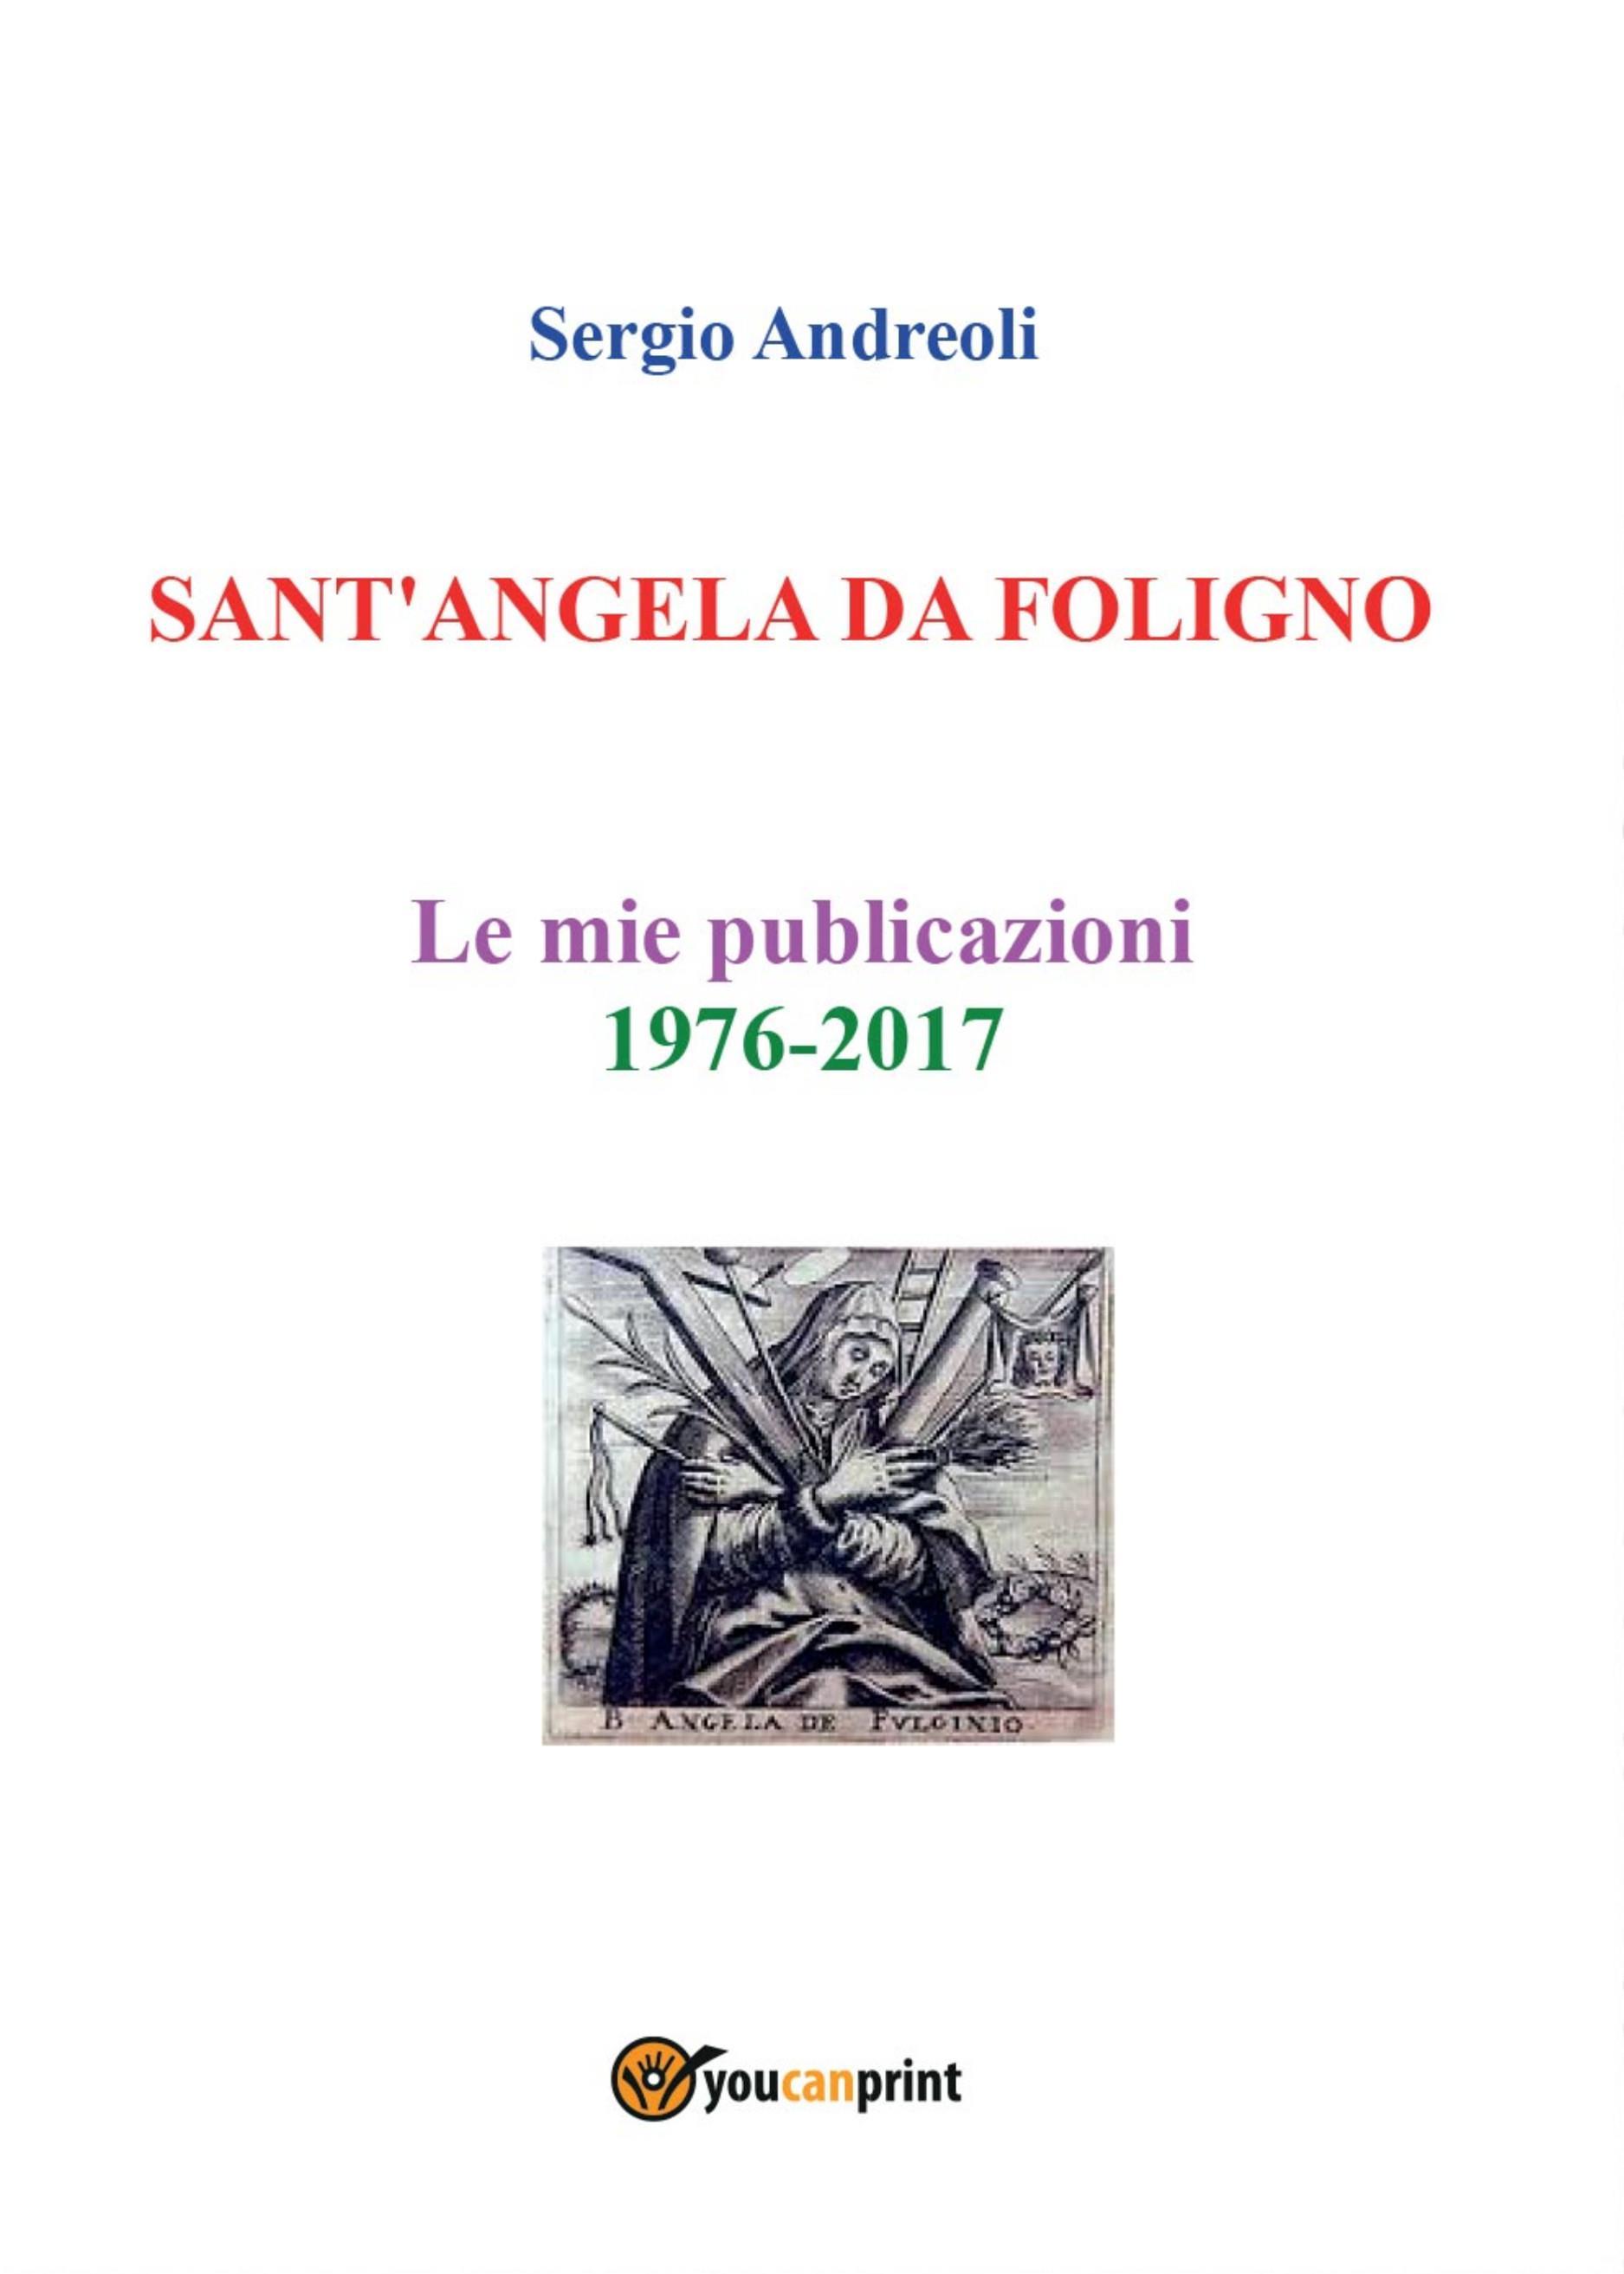 SANT'ANGELA DA FOLIGNO - Le mie publicazioni 1976-2017